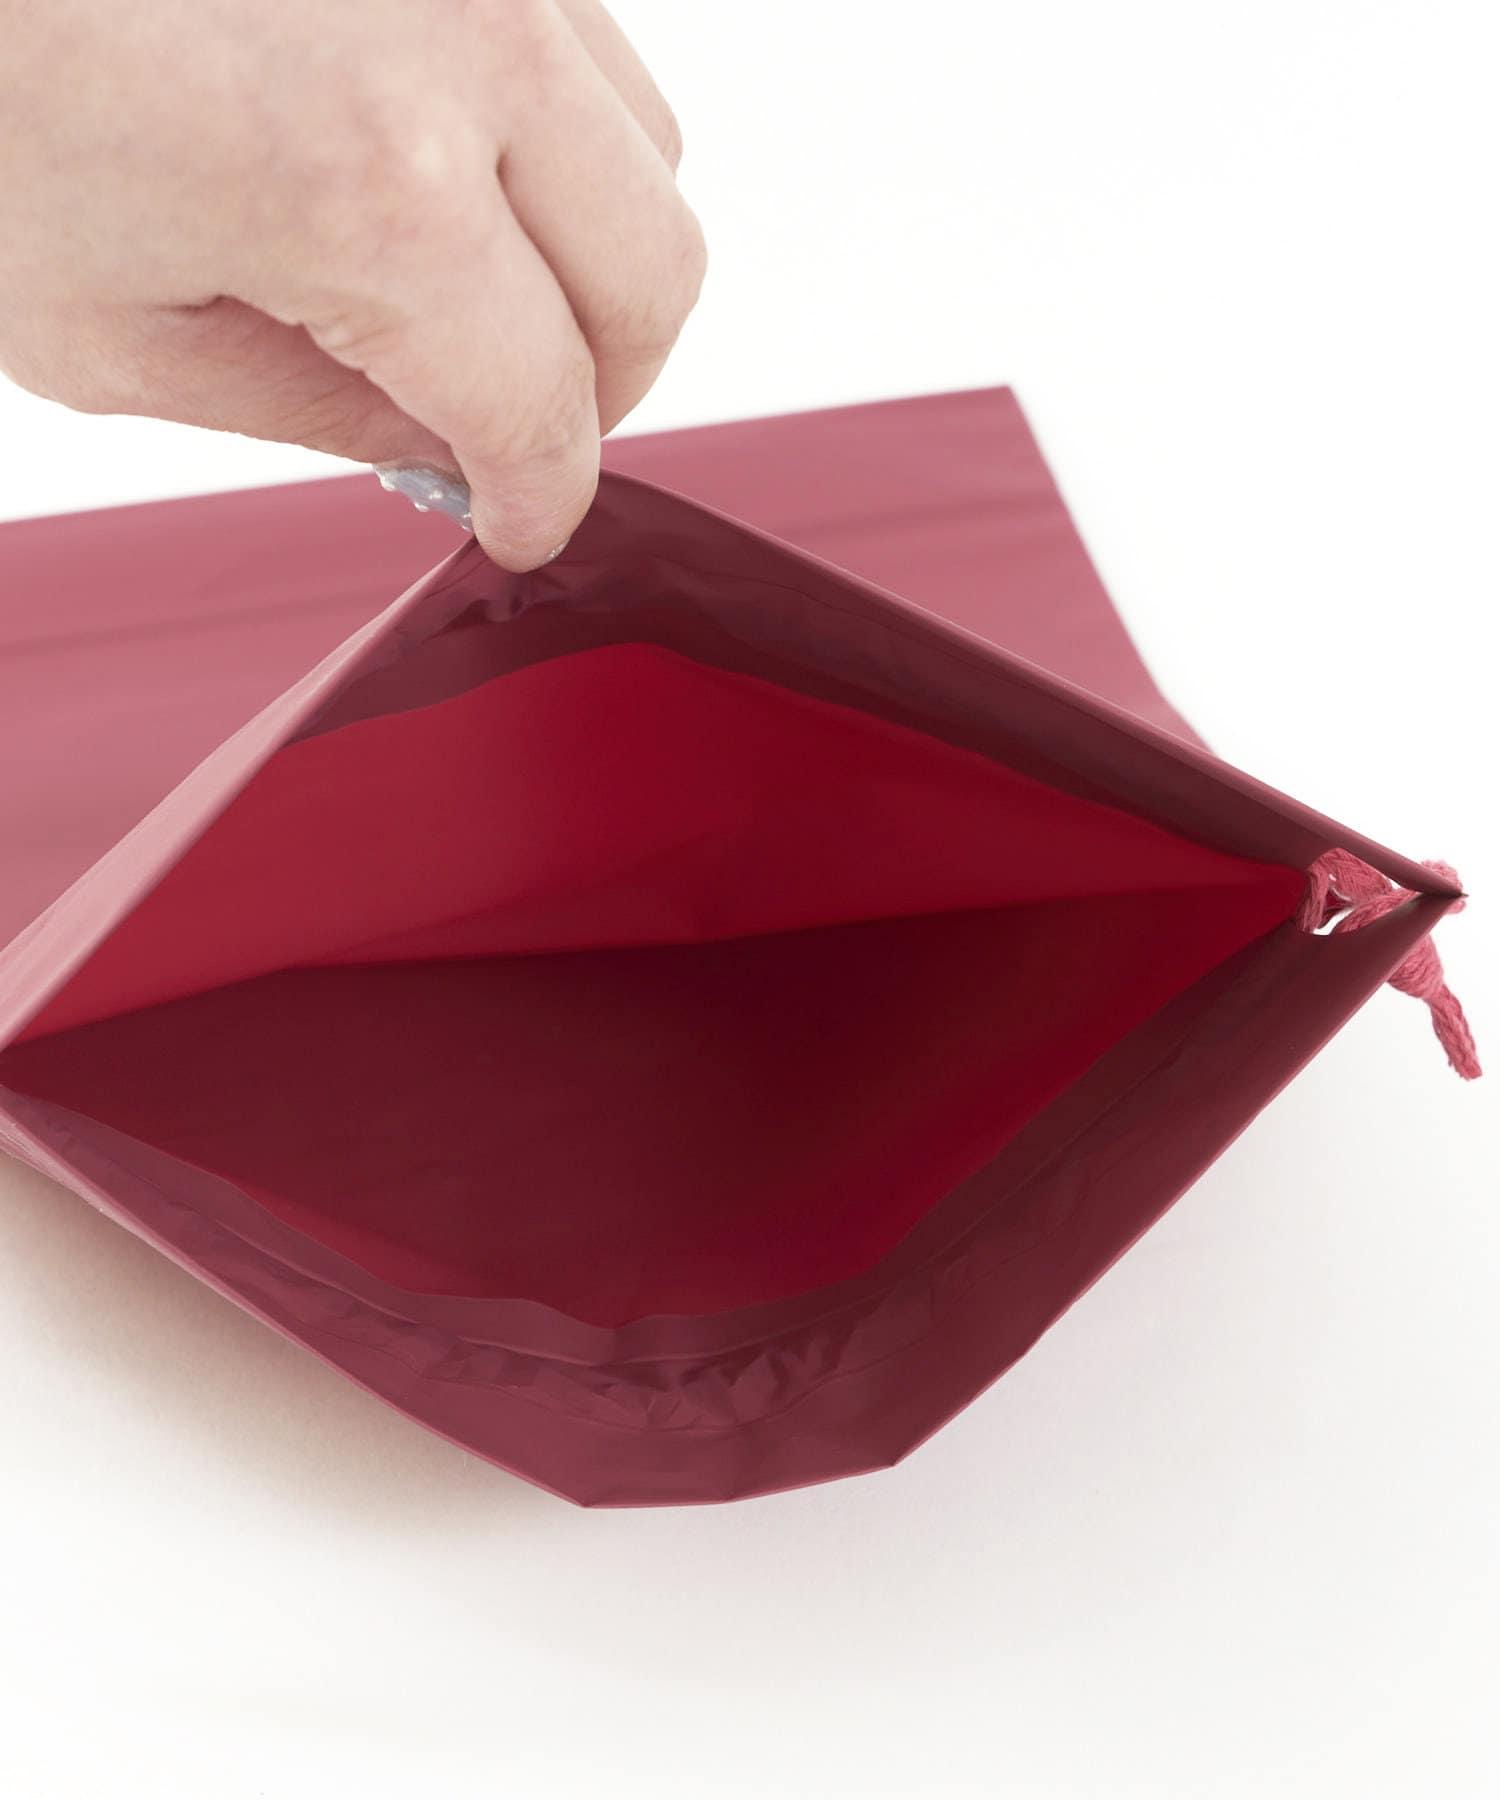 3COINS(スリーコインズ) 【ASOKO】ビニール巾着6色セット